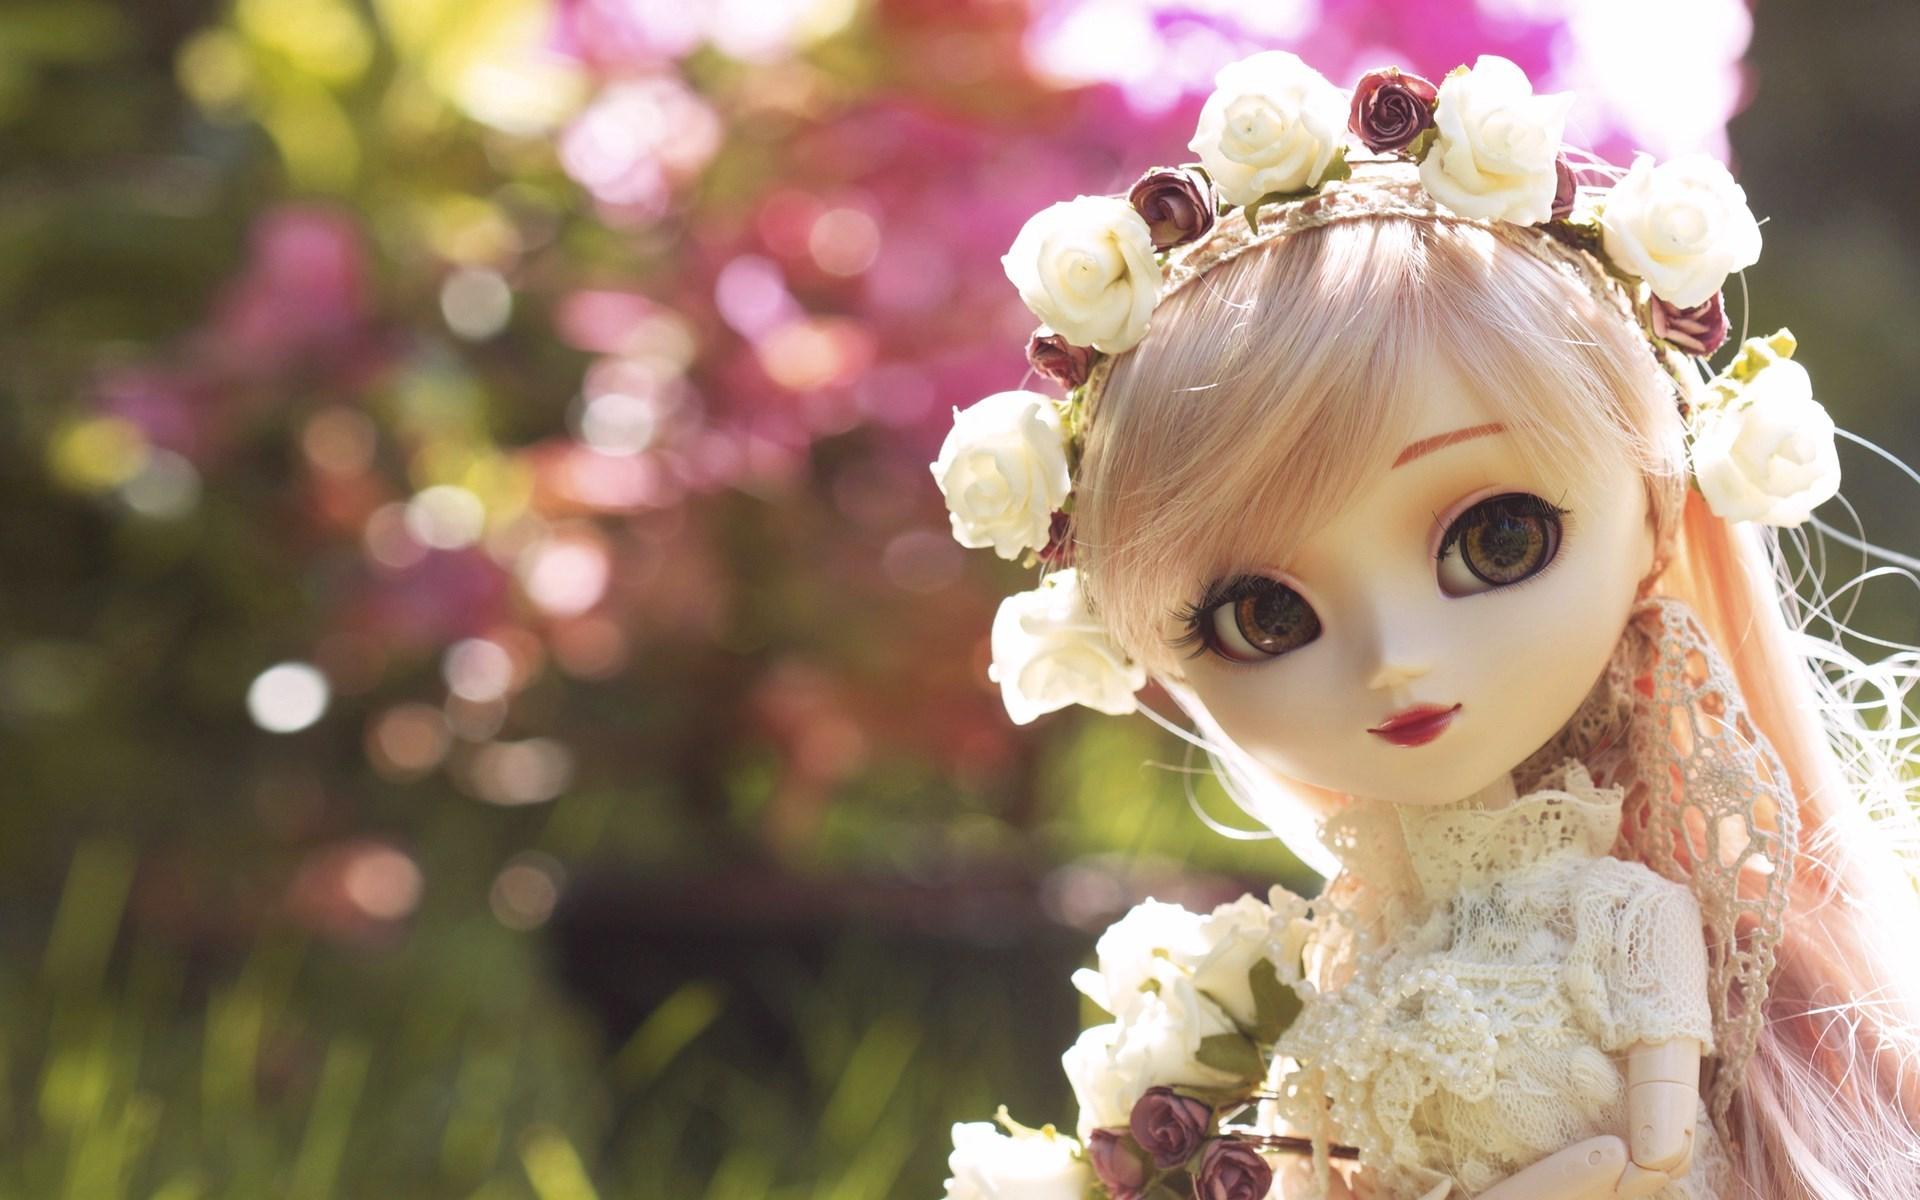 Toy Doll HD wallpaper 1920x1200 34071 1920x1200